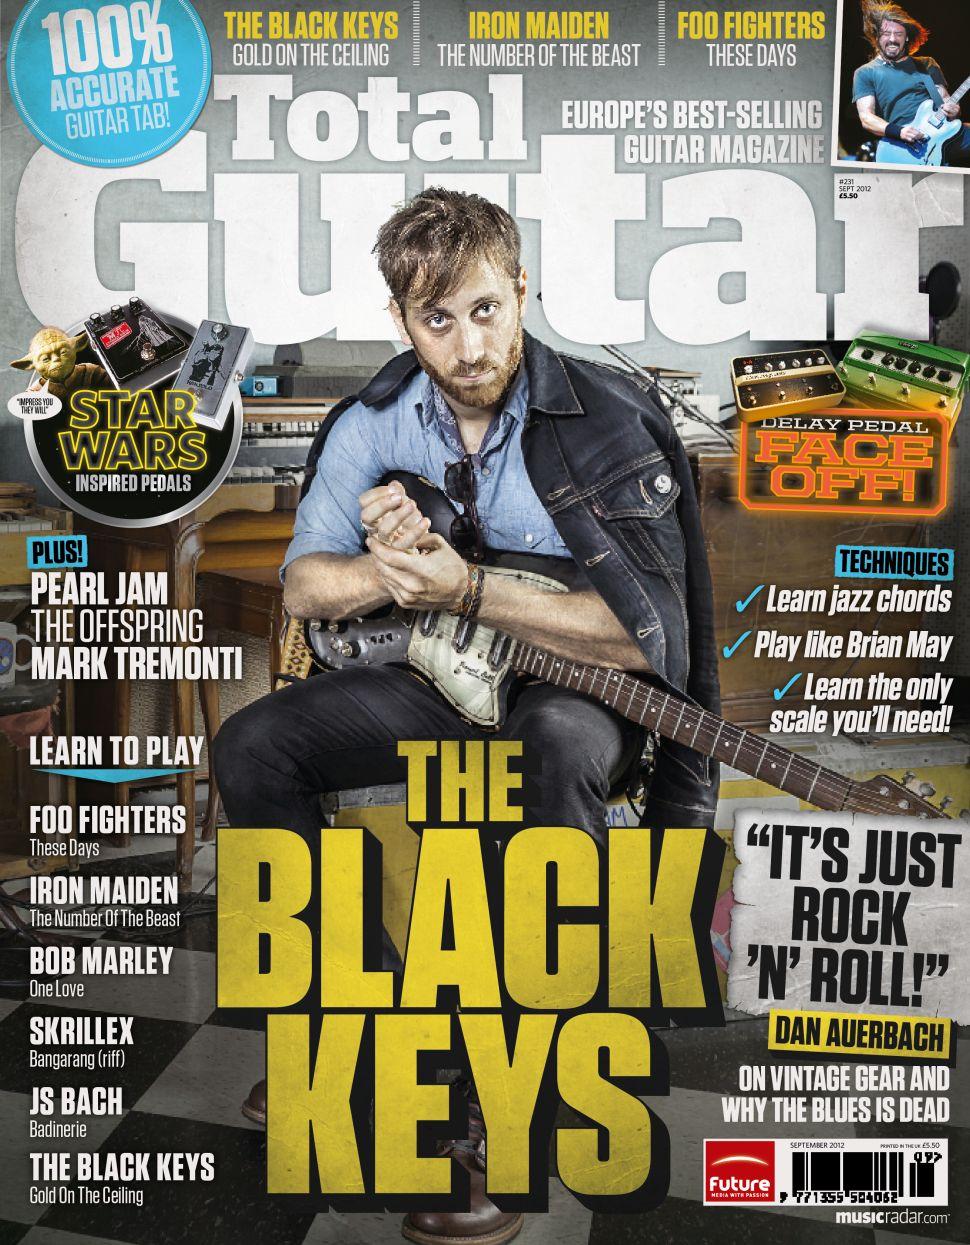 Definitely not the old, grimy black keys